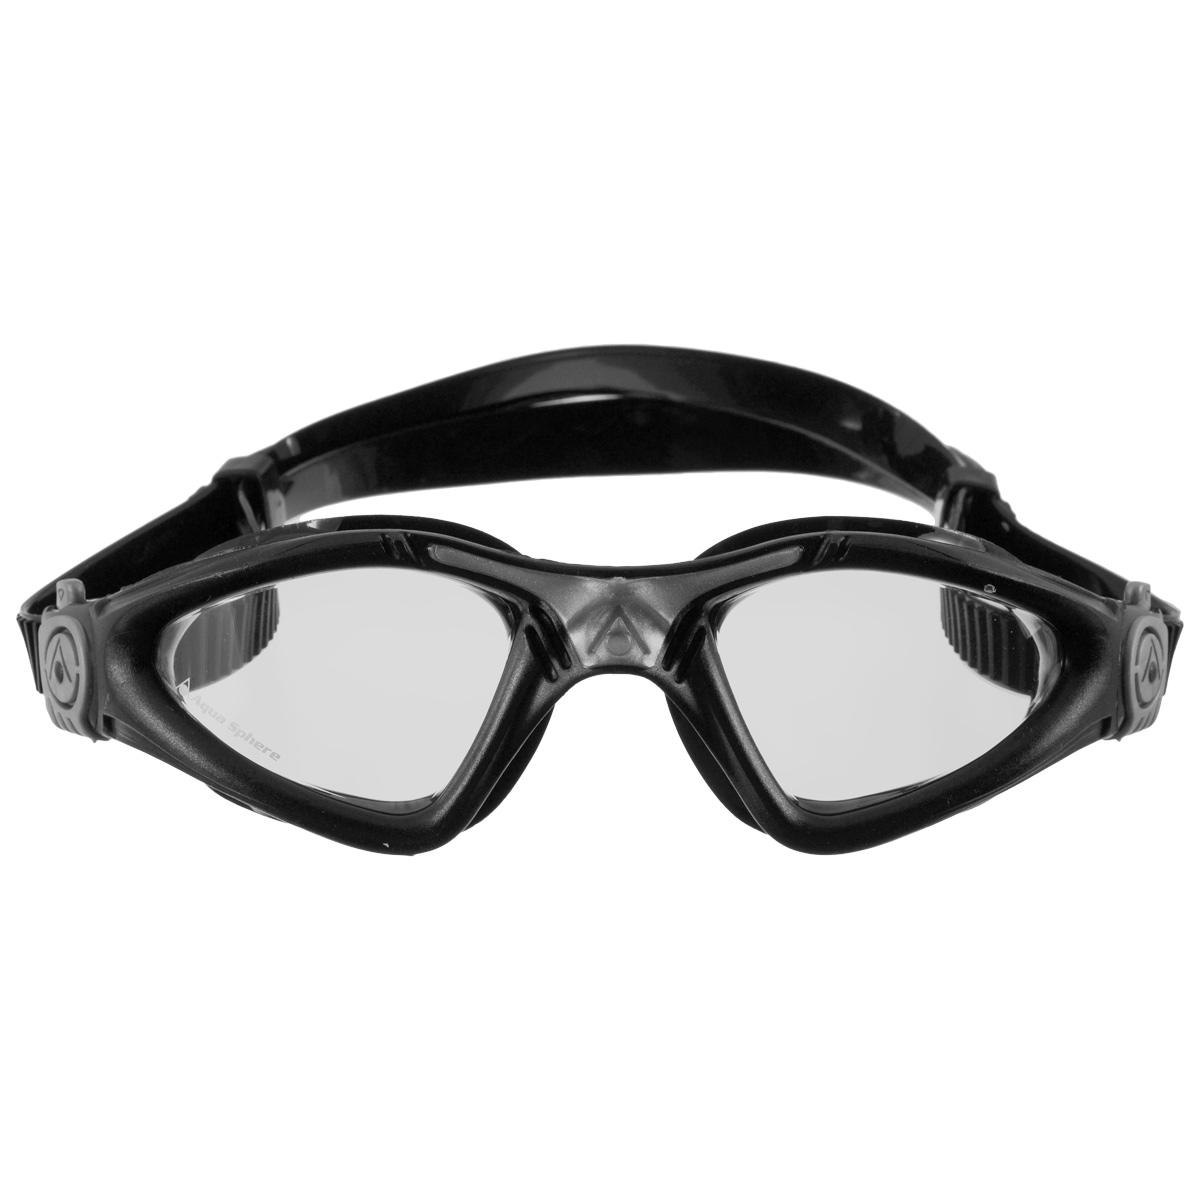 Очки для плавания Aqua Sphere Kayenne, прозрачные линзы, цвет: серебристый, черный цена